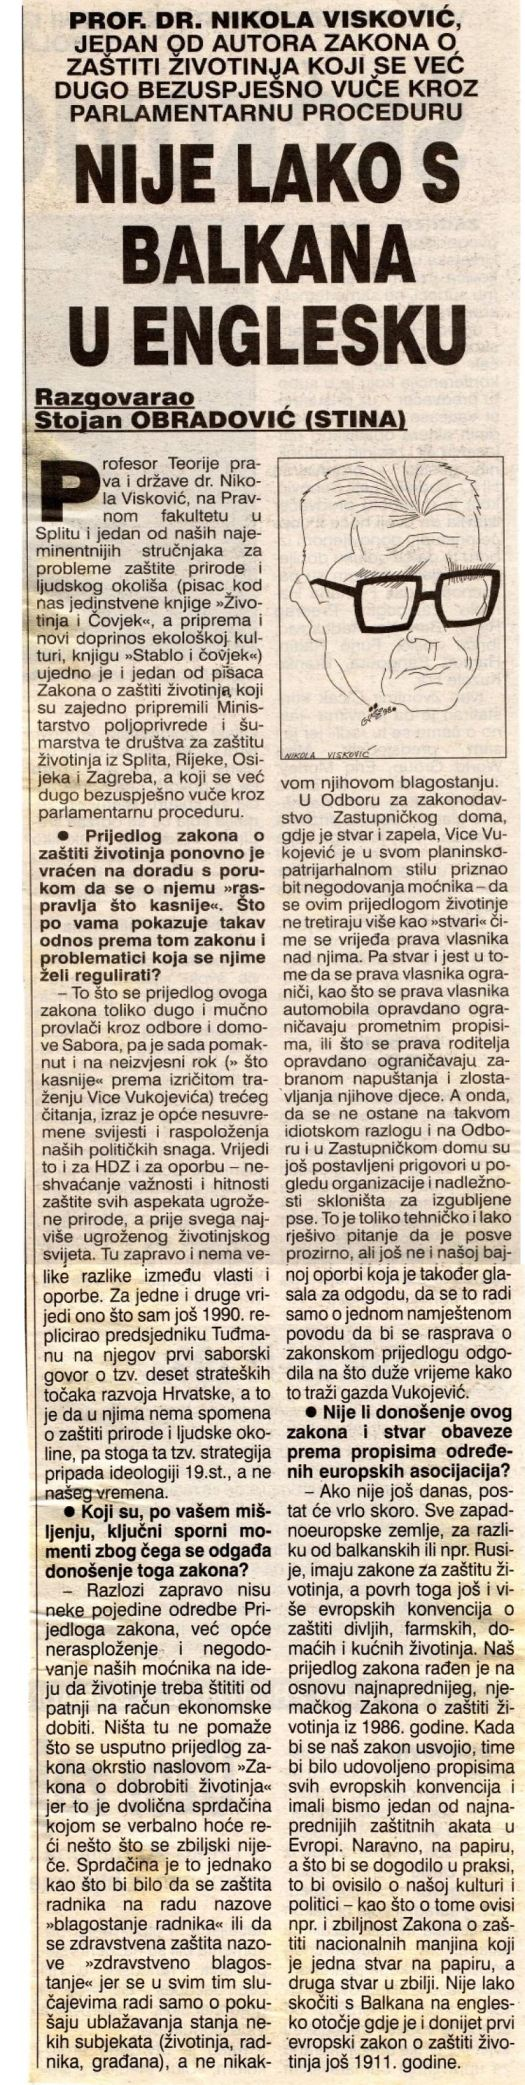 NOVI LIST, 25. 10. 1998.